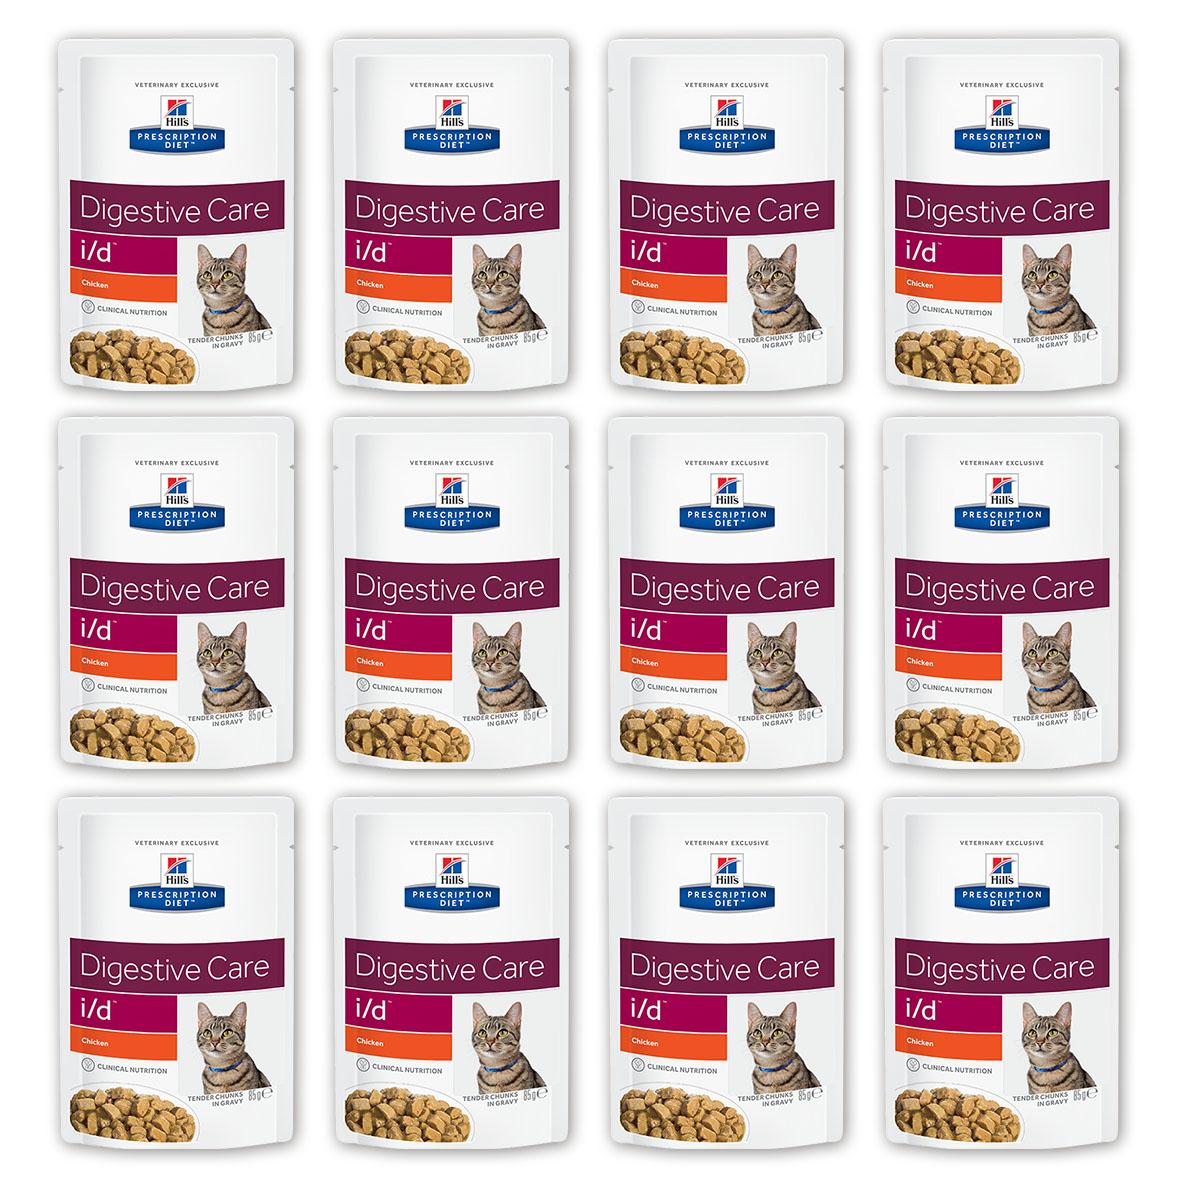 Консервы Hills Prescription Diet. I/D для кошек с заболеваниями ЖКТ, с курицей, 85 г, 12 шт0120710Консервы Hills Prescription Diet. I/D рекомендуются:- При заболеваниях желудочно-кишечного тракта: гастрите, энтерите, колите (наиболее распространенные причины диареи). - Для восстановления после хирургической операции на желудочно-кишечном тракте. - При недостаточности экзокринной функции поджелудочной железы. - При панкреатите без гиперлипидемии. - Для восстановления после легких хирургических процедур и состояний, незначительно ослабляющих организм. - Для котят в качестве повседневного питания. Обеспечивает полноценное сбалансированное питание котятам (в течение короткого периода) и взрослым кошкам. Не рекомендуется кошкам с задержкой натрия в организме.Ключевые преимущества: - Высокая перевариваемость продукта улучшает всасывание нутриентов и способствует восстановлению желудочно-кишечного тракта. - Содержание жиров снижено, что помогает уменьшить стеаторею (маслянистый стул). - Повышенное содержание растворимой клетчатки обеспечивает поступление короткоцепочных жирных кислот, которые питают энтероциты и восстанавливают кишечную микрофлору. - Повышено содержание электролитов, витаминов группы B, что восполняет потерю этих нутриентов при рвоте и диарее. - Добавлена антиоксидантная формула, которая нейтрализует действие свободных радикалов, участвующих в развитии гастроэнтерита. Ингредиенты: курица (27%), свинина, крахмал тапиоки, лосось, пшеничная мука, концентрат растительного протеина, маисовый крахмал, глюкоза, целлюлоза, кальция фосфат, протеиновая мука, дрожжи, калия хлорид, подсолнечное масло, микроэлементы, витамины, карамель и окись магния.Среднее содержание нутриентов в рационе: протеин 8,3%, жиры 4,4%, углеводы (БЭВ) 6,4%, клетчатка (общая) 0,6%, влага 78,6%, кальций 0,23%, фосфор 0,18%, натрий 0,09%, калий 0,24%, магний 0,02%, Омега-3 жирные кислоты 0,12%, Омега-6 жирные кислоты 0,77%, таурин 613 мг/кг, Витамин A 16 900 МЕ/кг, Витамин D 260 МЕ/кг, Витамин